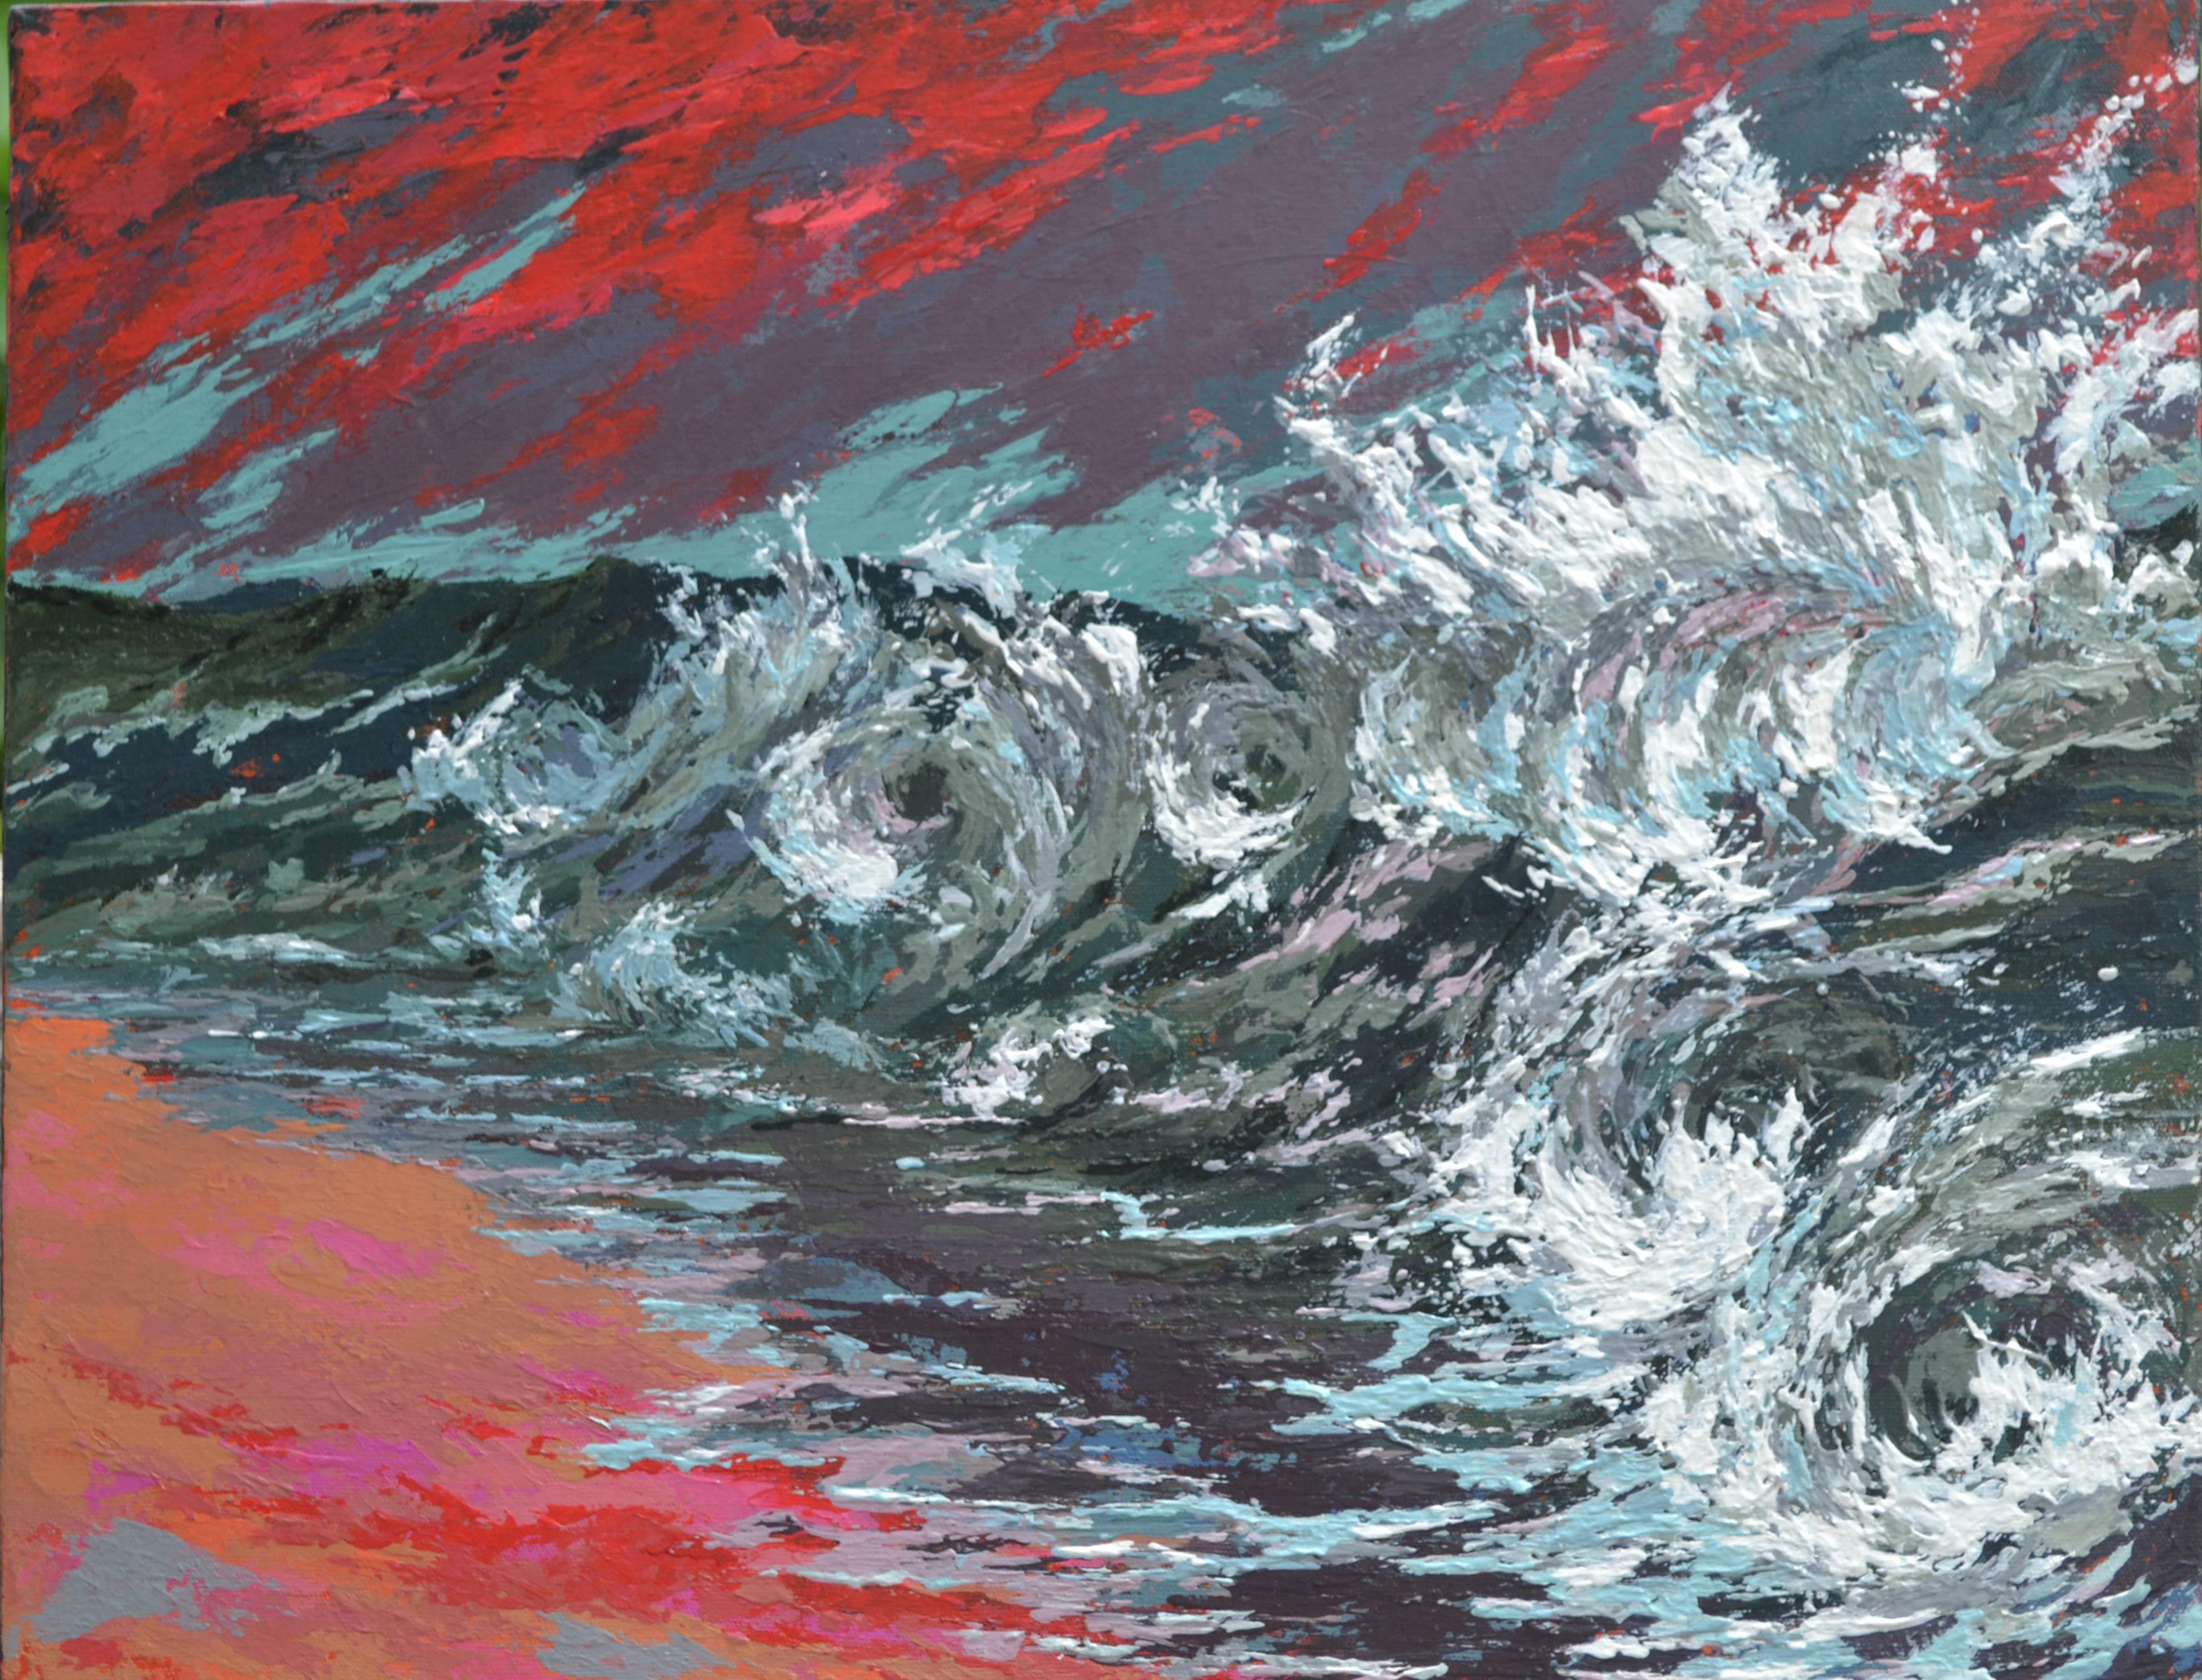 Seascape art with crashing waves